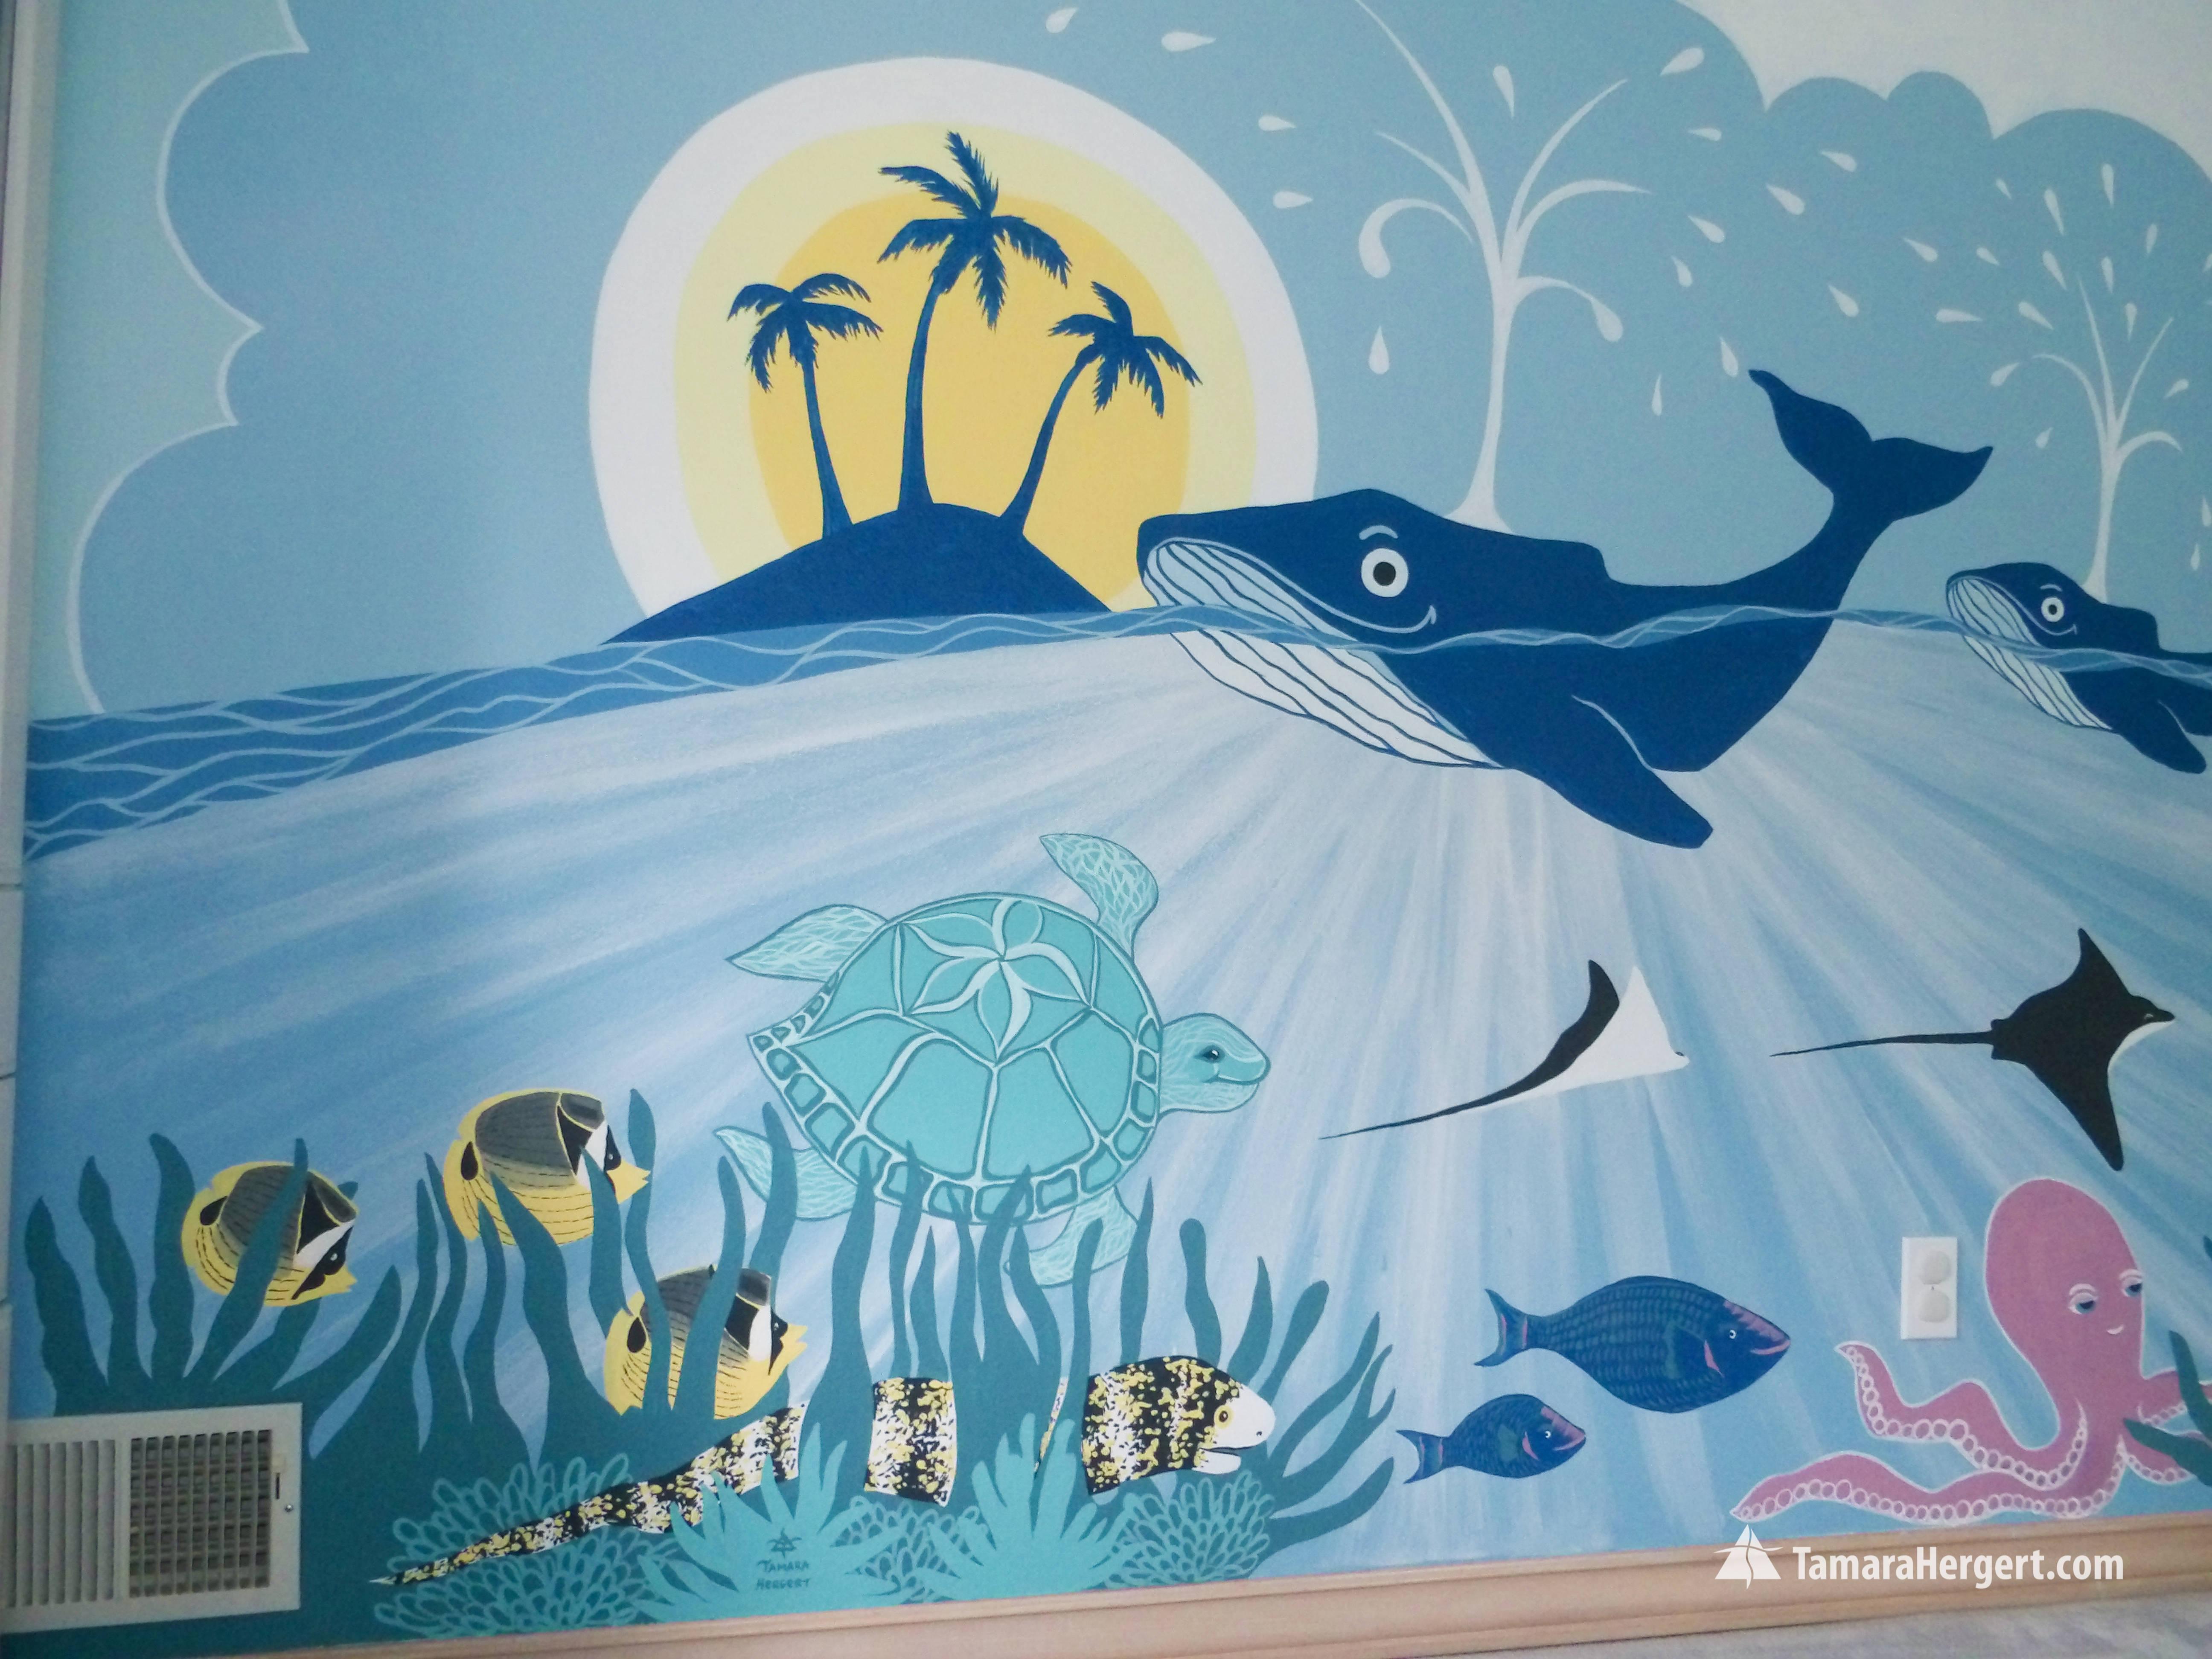 Sealife mural by Tamara Hergert 5